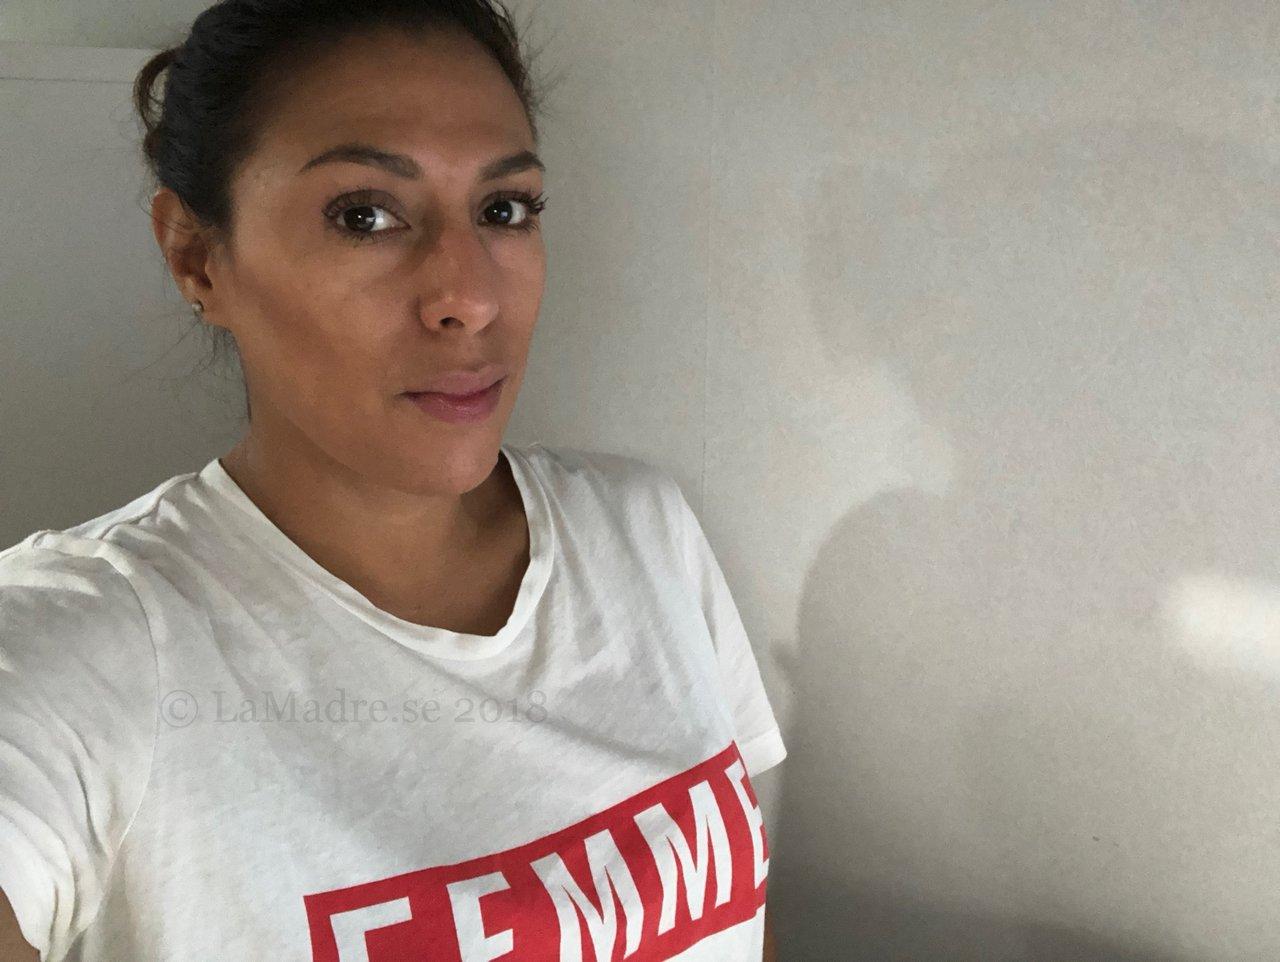 selfie_me_jag_latina_sweden_home